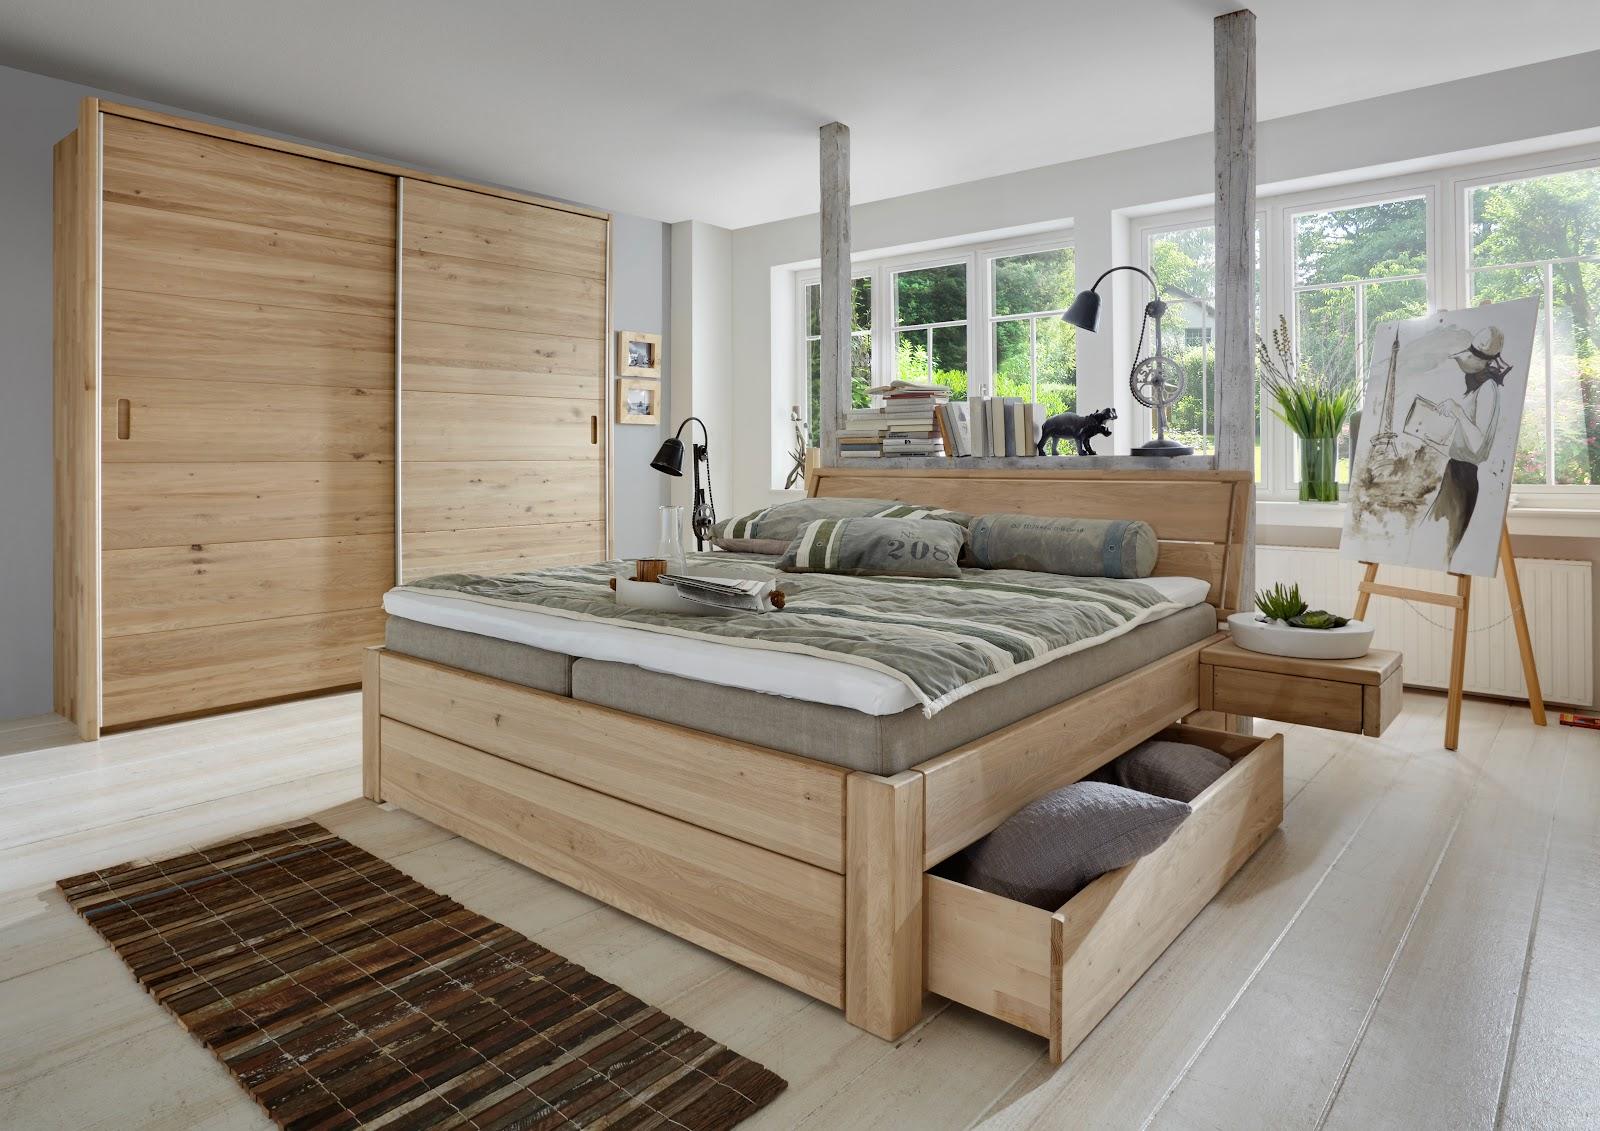 Make it kleerkast met schuifdeuren     Noordkaap meubelen